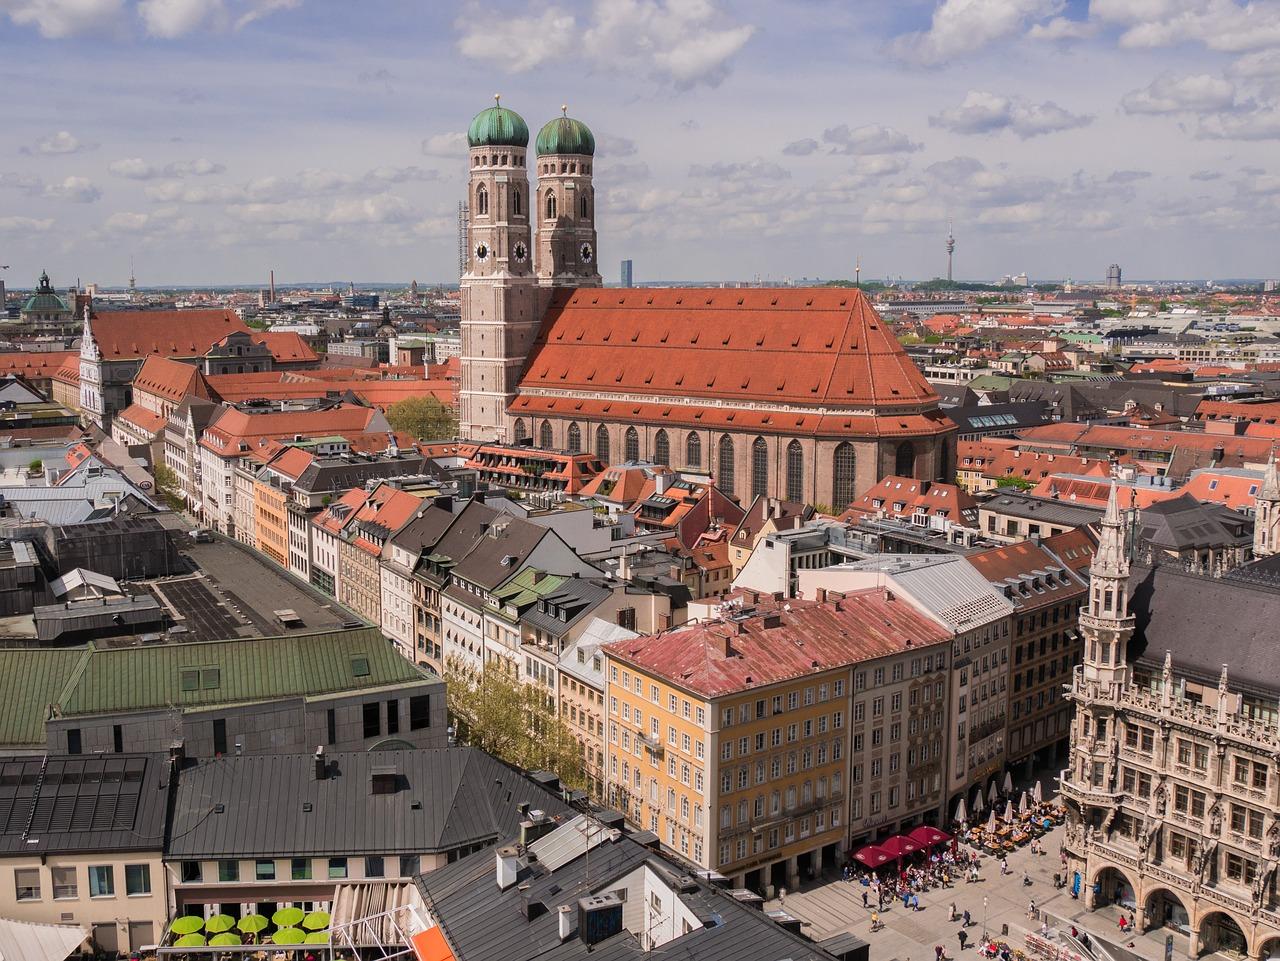 7 cose da vedere a Monaco di Baviera in 3 giorni